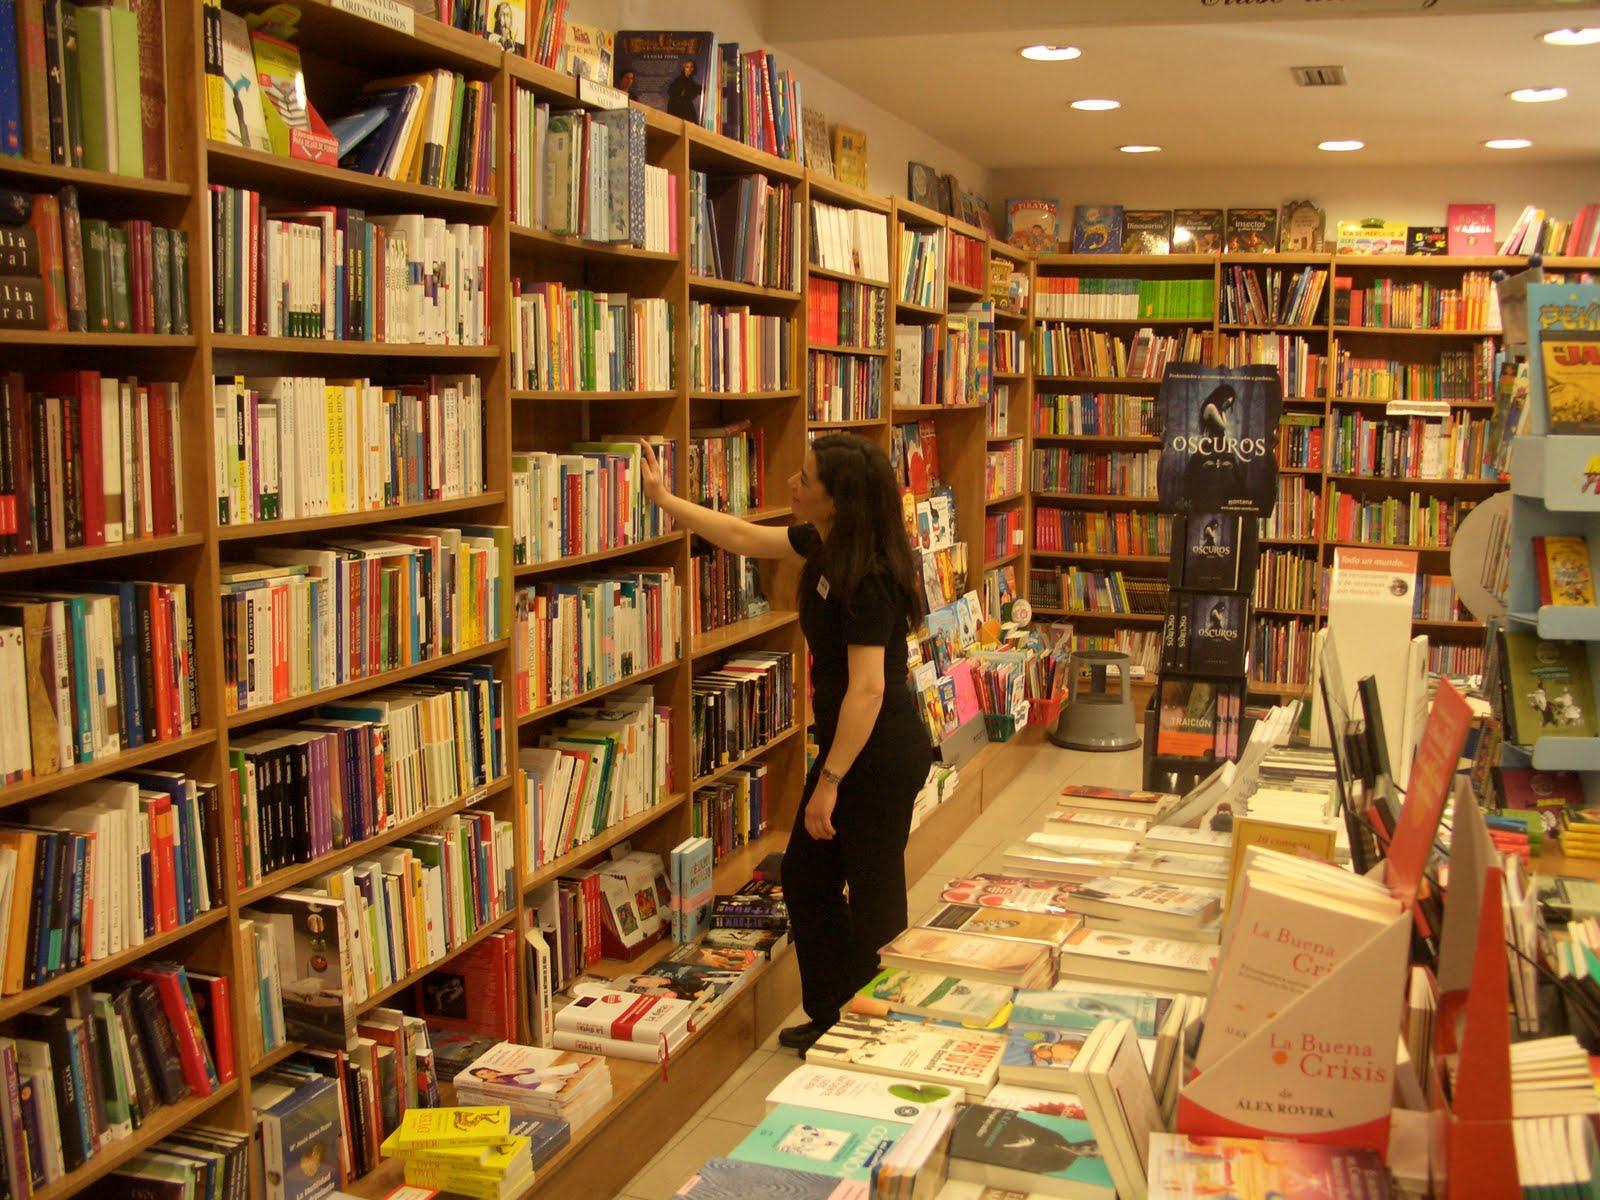 El desv n de los libros librer a universitaria de guadalajara for Libreria universitaria